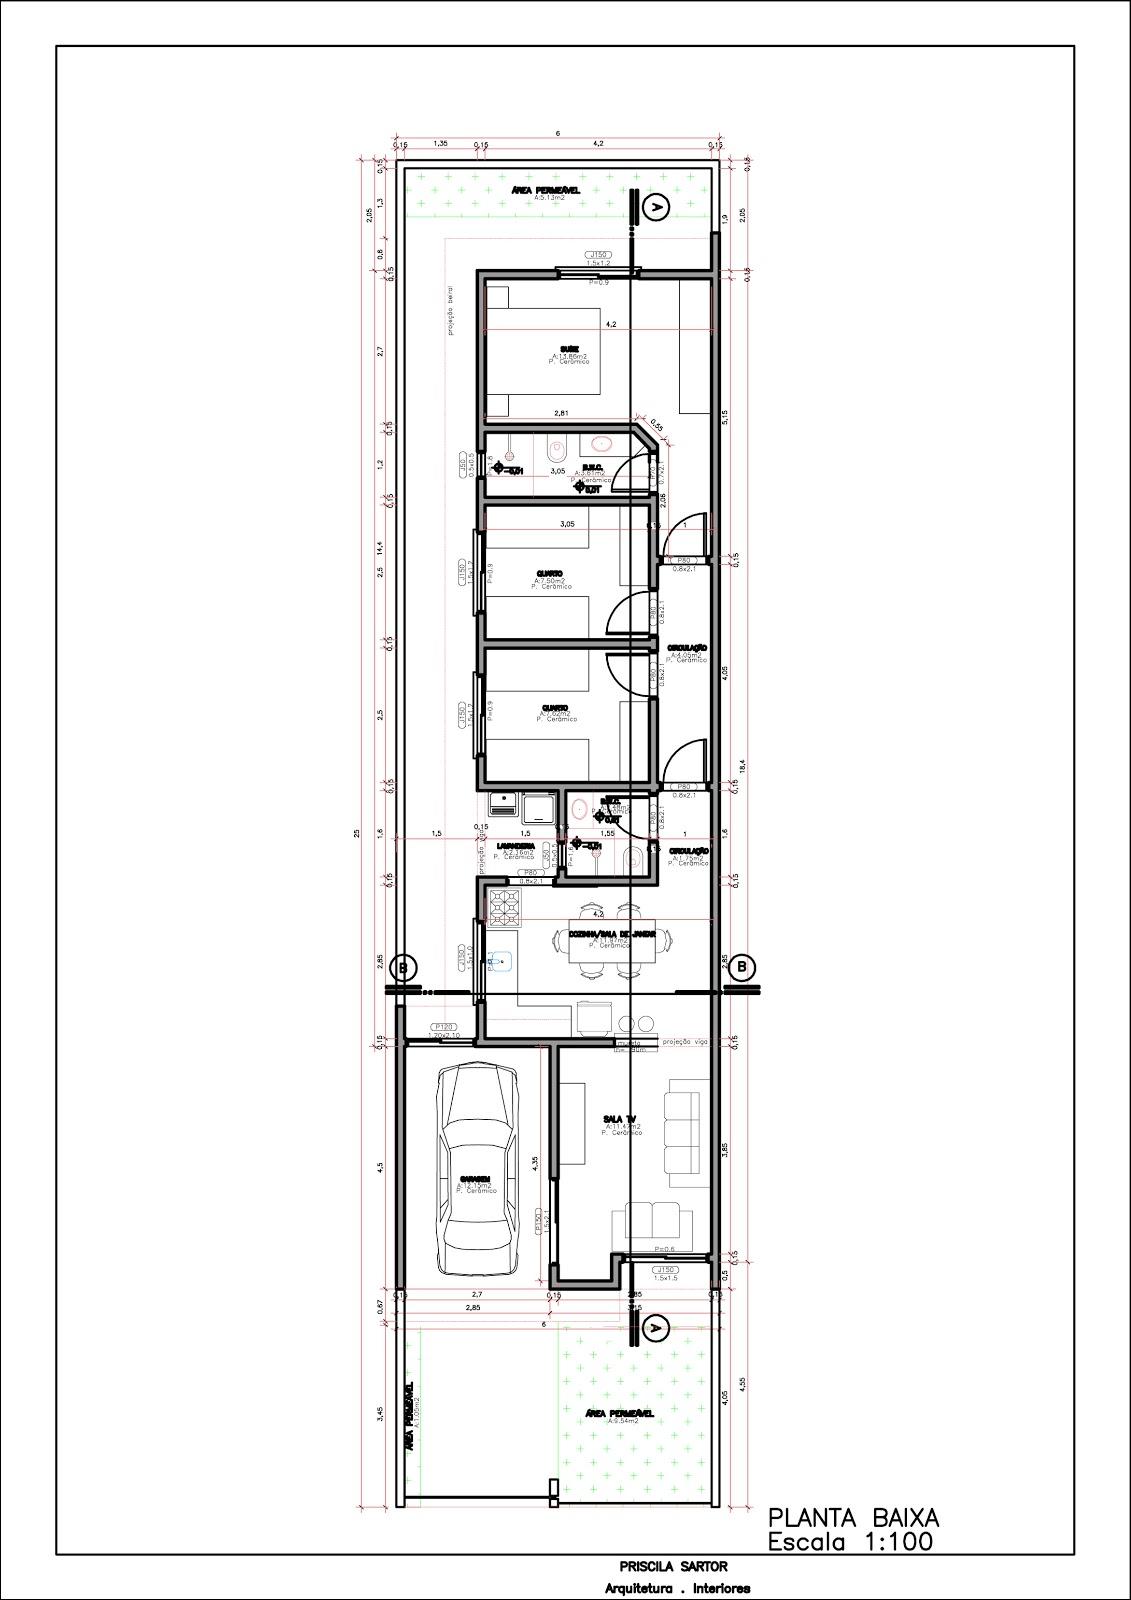 Plantas de casas meio terreno 5x25 for Casa moderna de 7 x 15